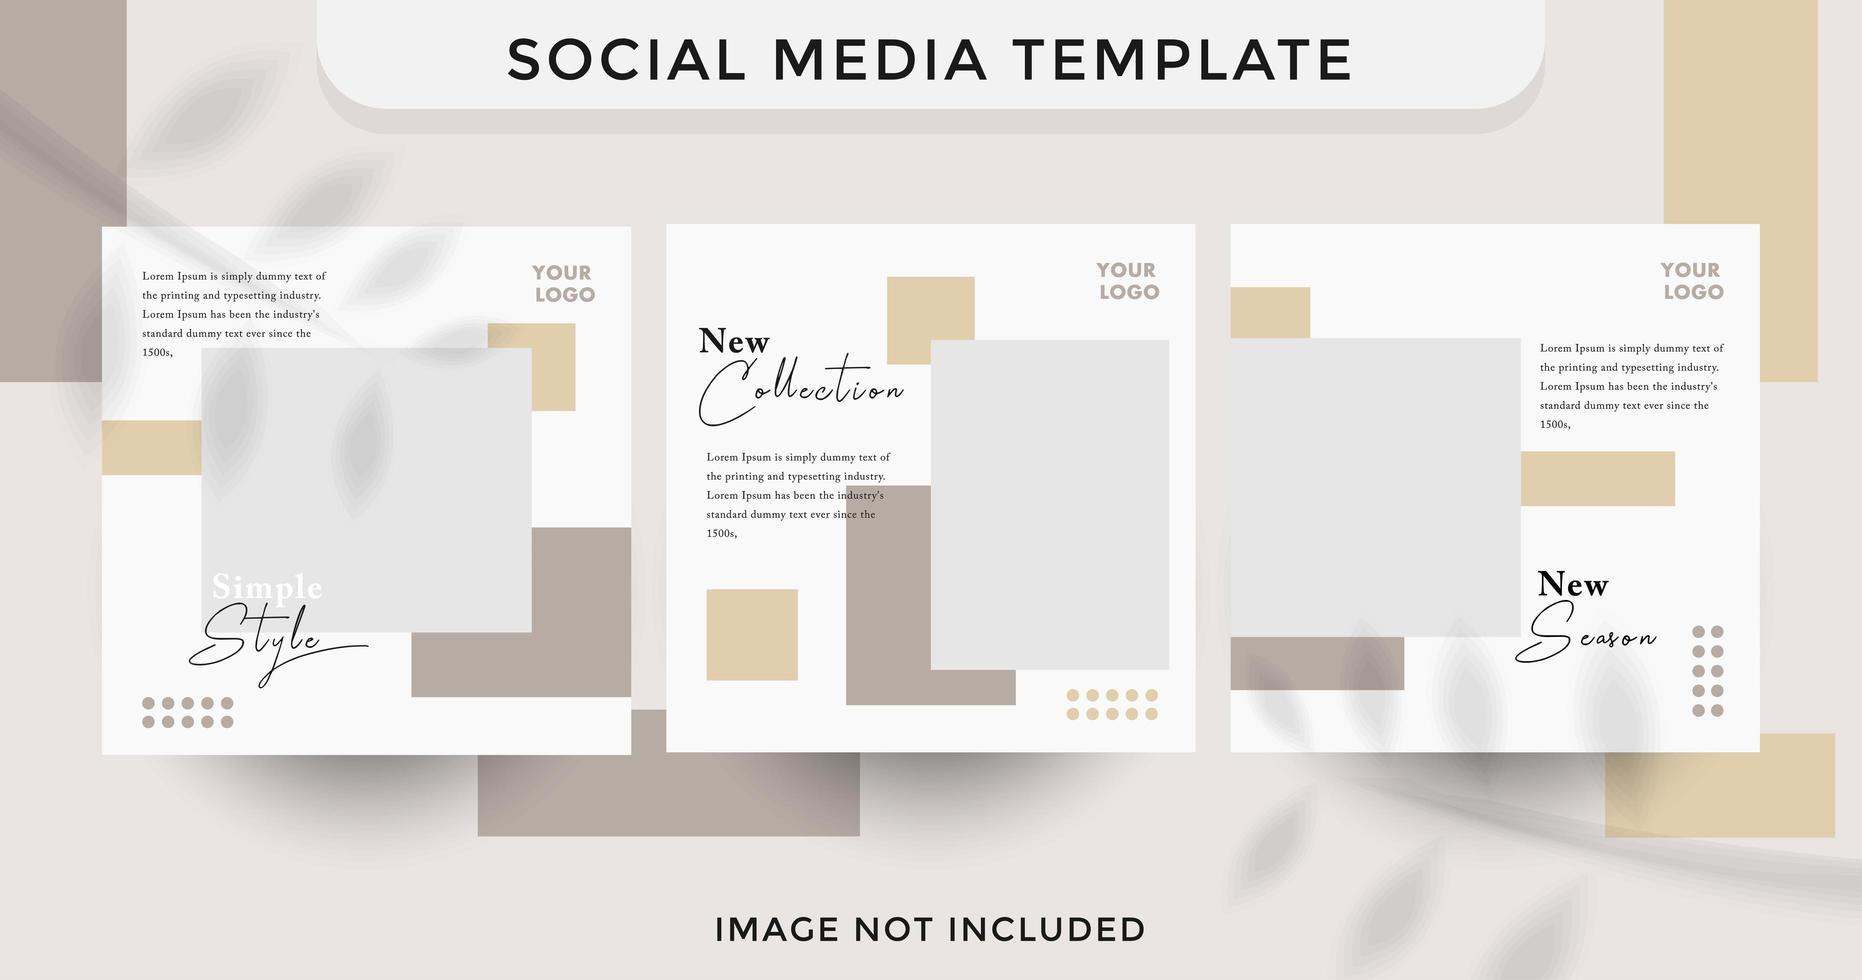 moderne Social Media Mode Vorlage Verkaufsset vektor